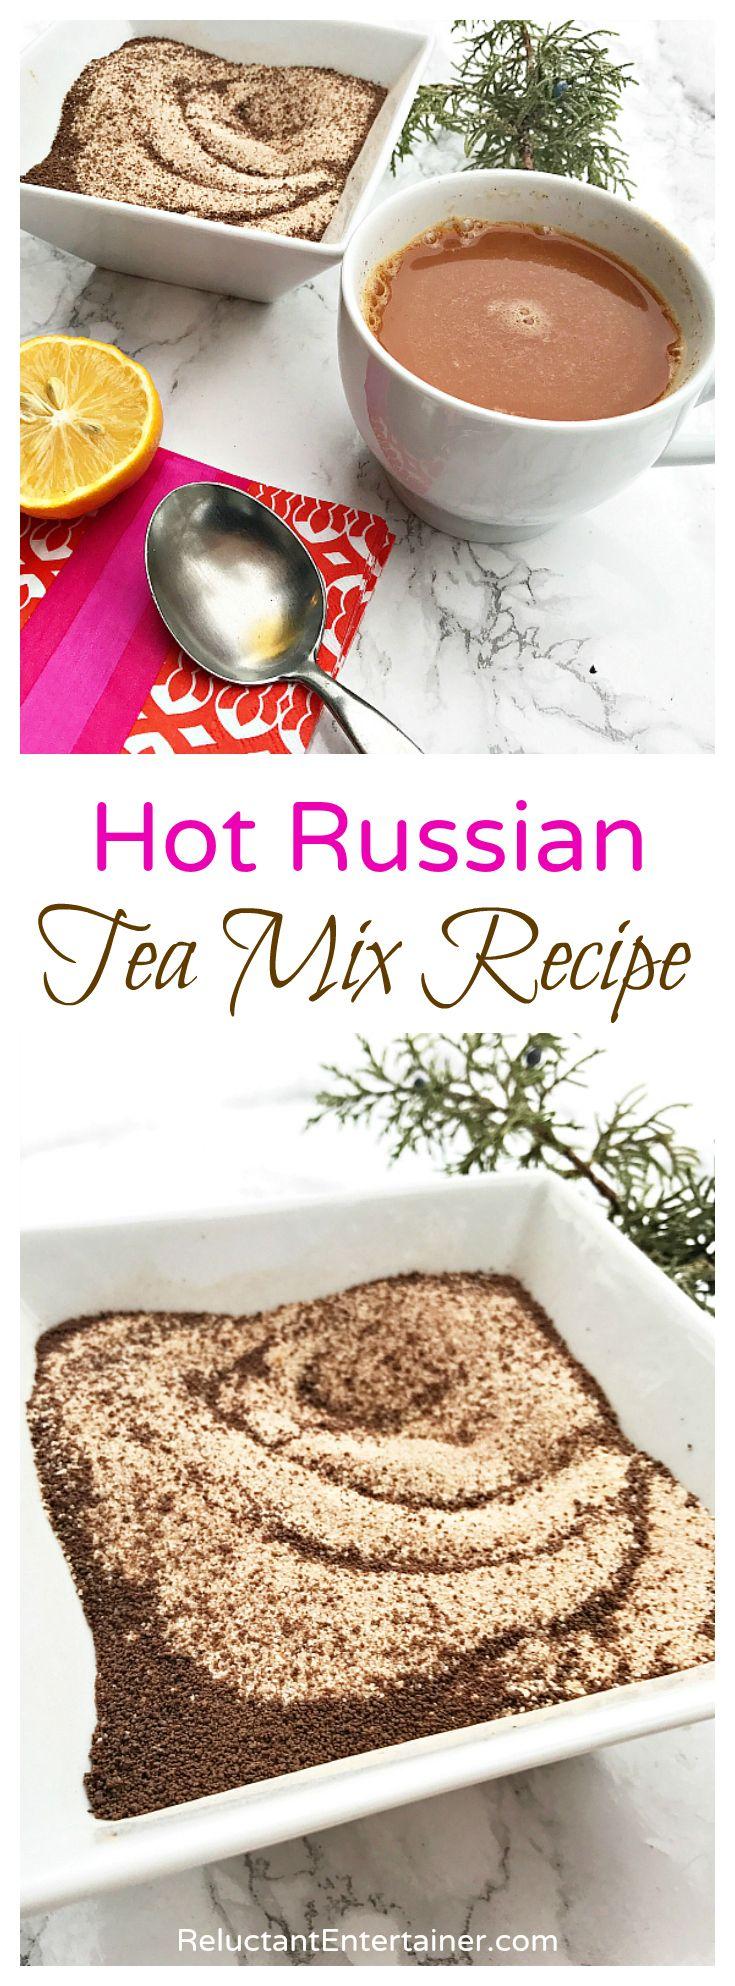 Hot Russian Tea Mix Recipe